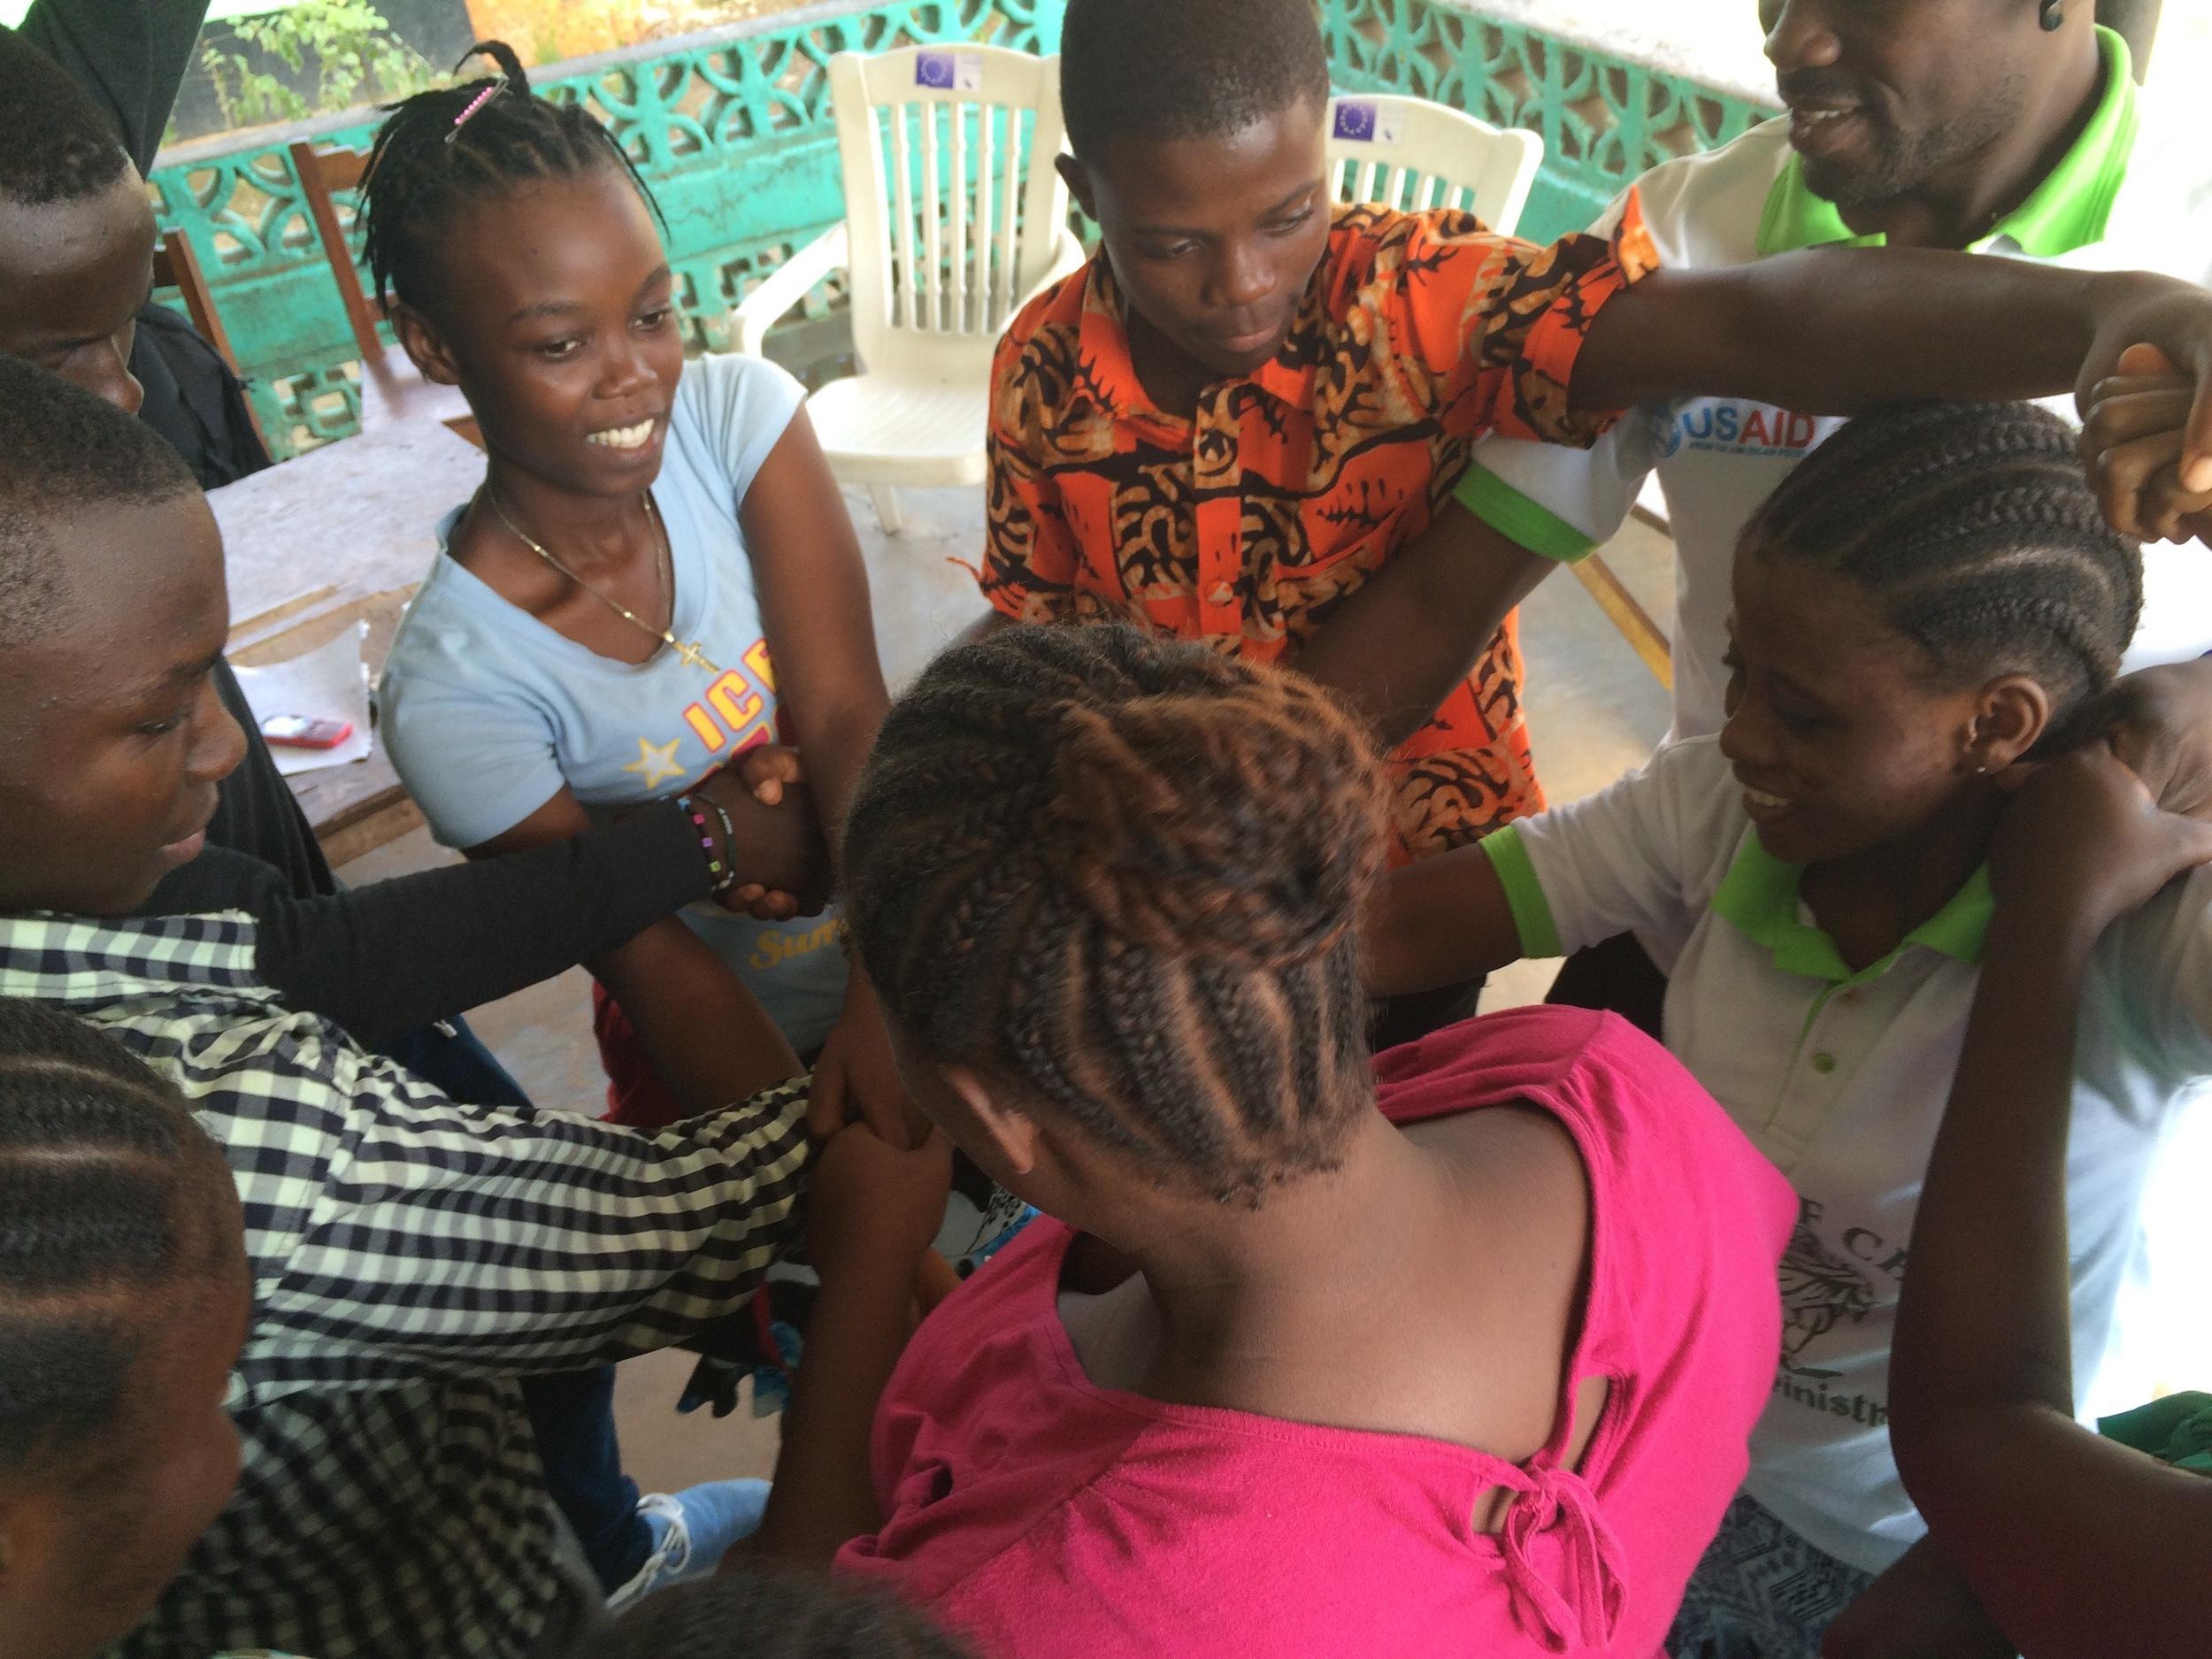 Monrovia scholarship recipients playing leadership games at a meeting.